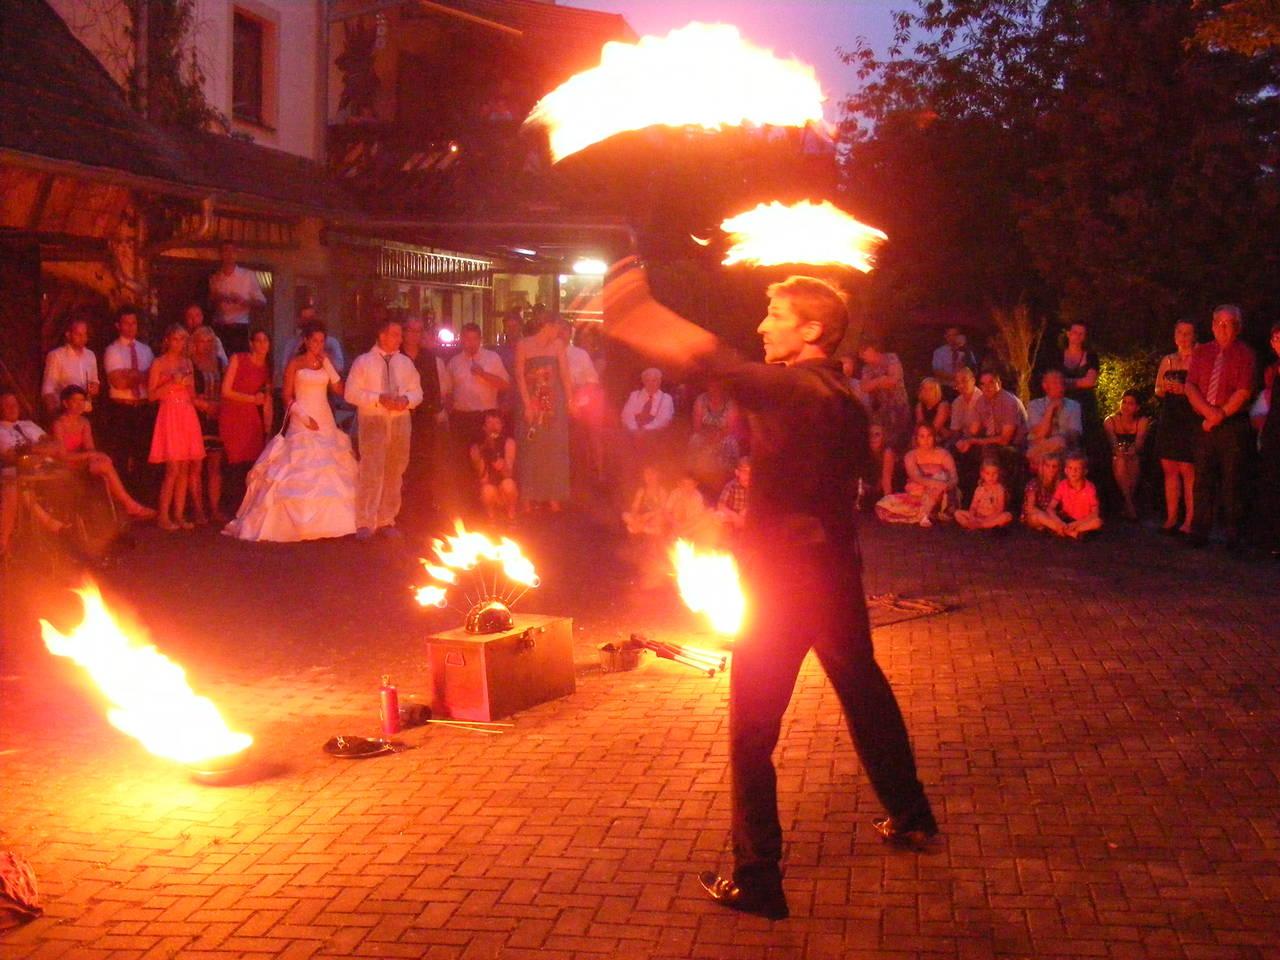 Feuer-Shows im Künstlerhof Wyand als Hochzeits-Überraschung